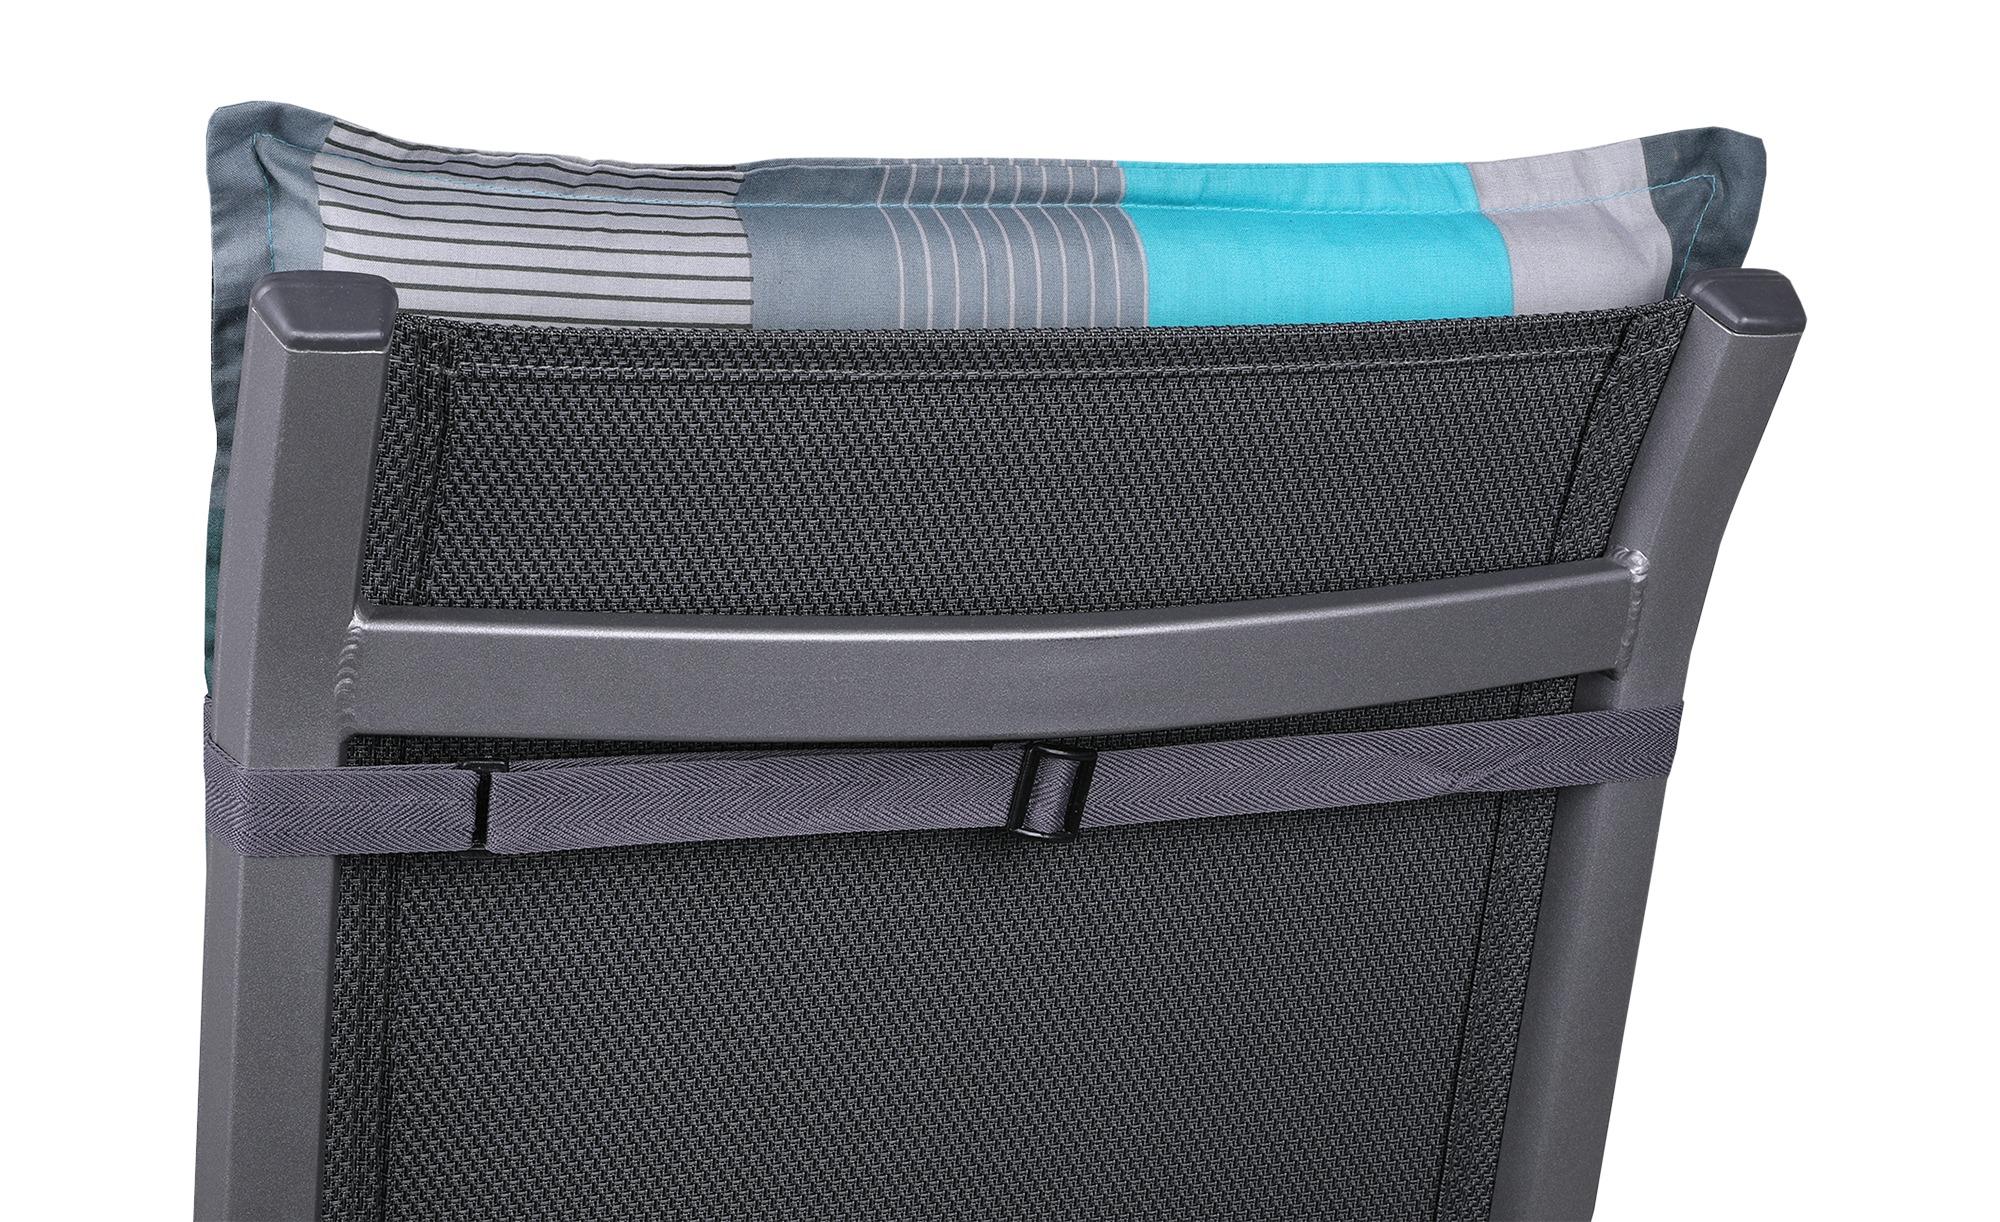 Relaxauflage  Iris ¦ blau ¦ Druckstoff, 50% Baumwolle, 50% Polyester ¦ Maße (cm): B: 50 H: 7 Garten > Auflagen & Kissen > Sonstige Sitzkissen - Höffner